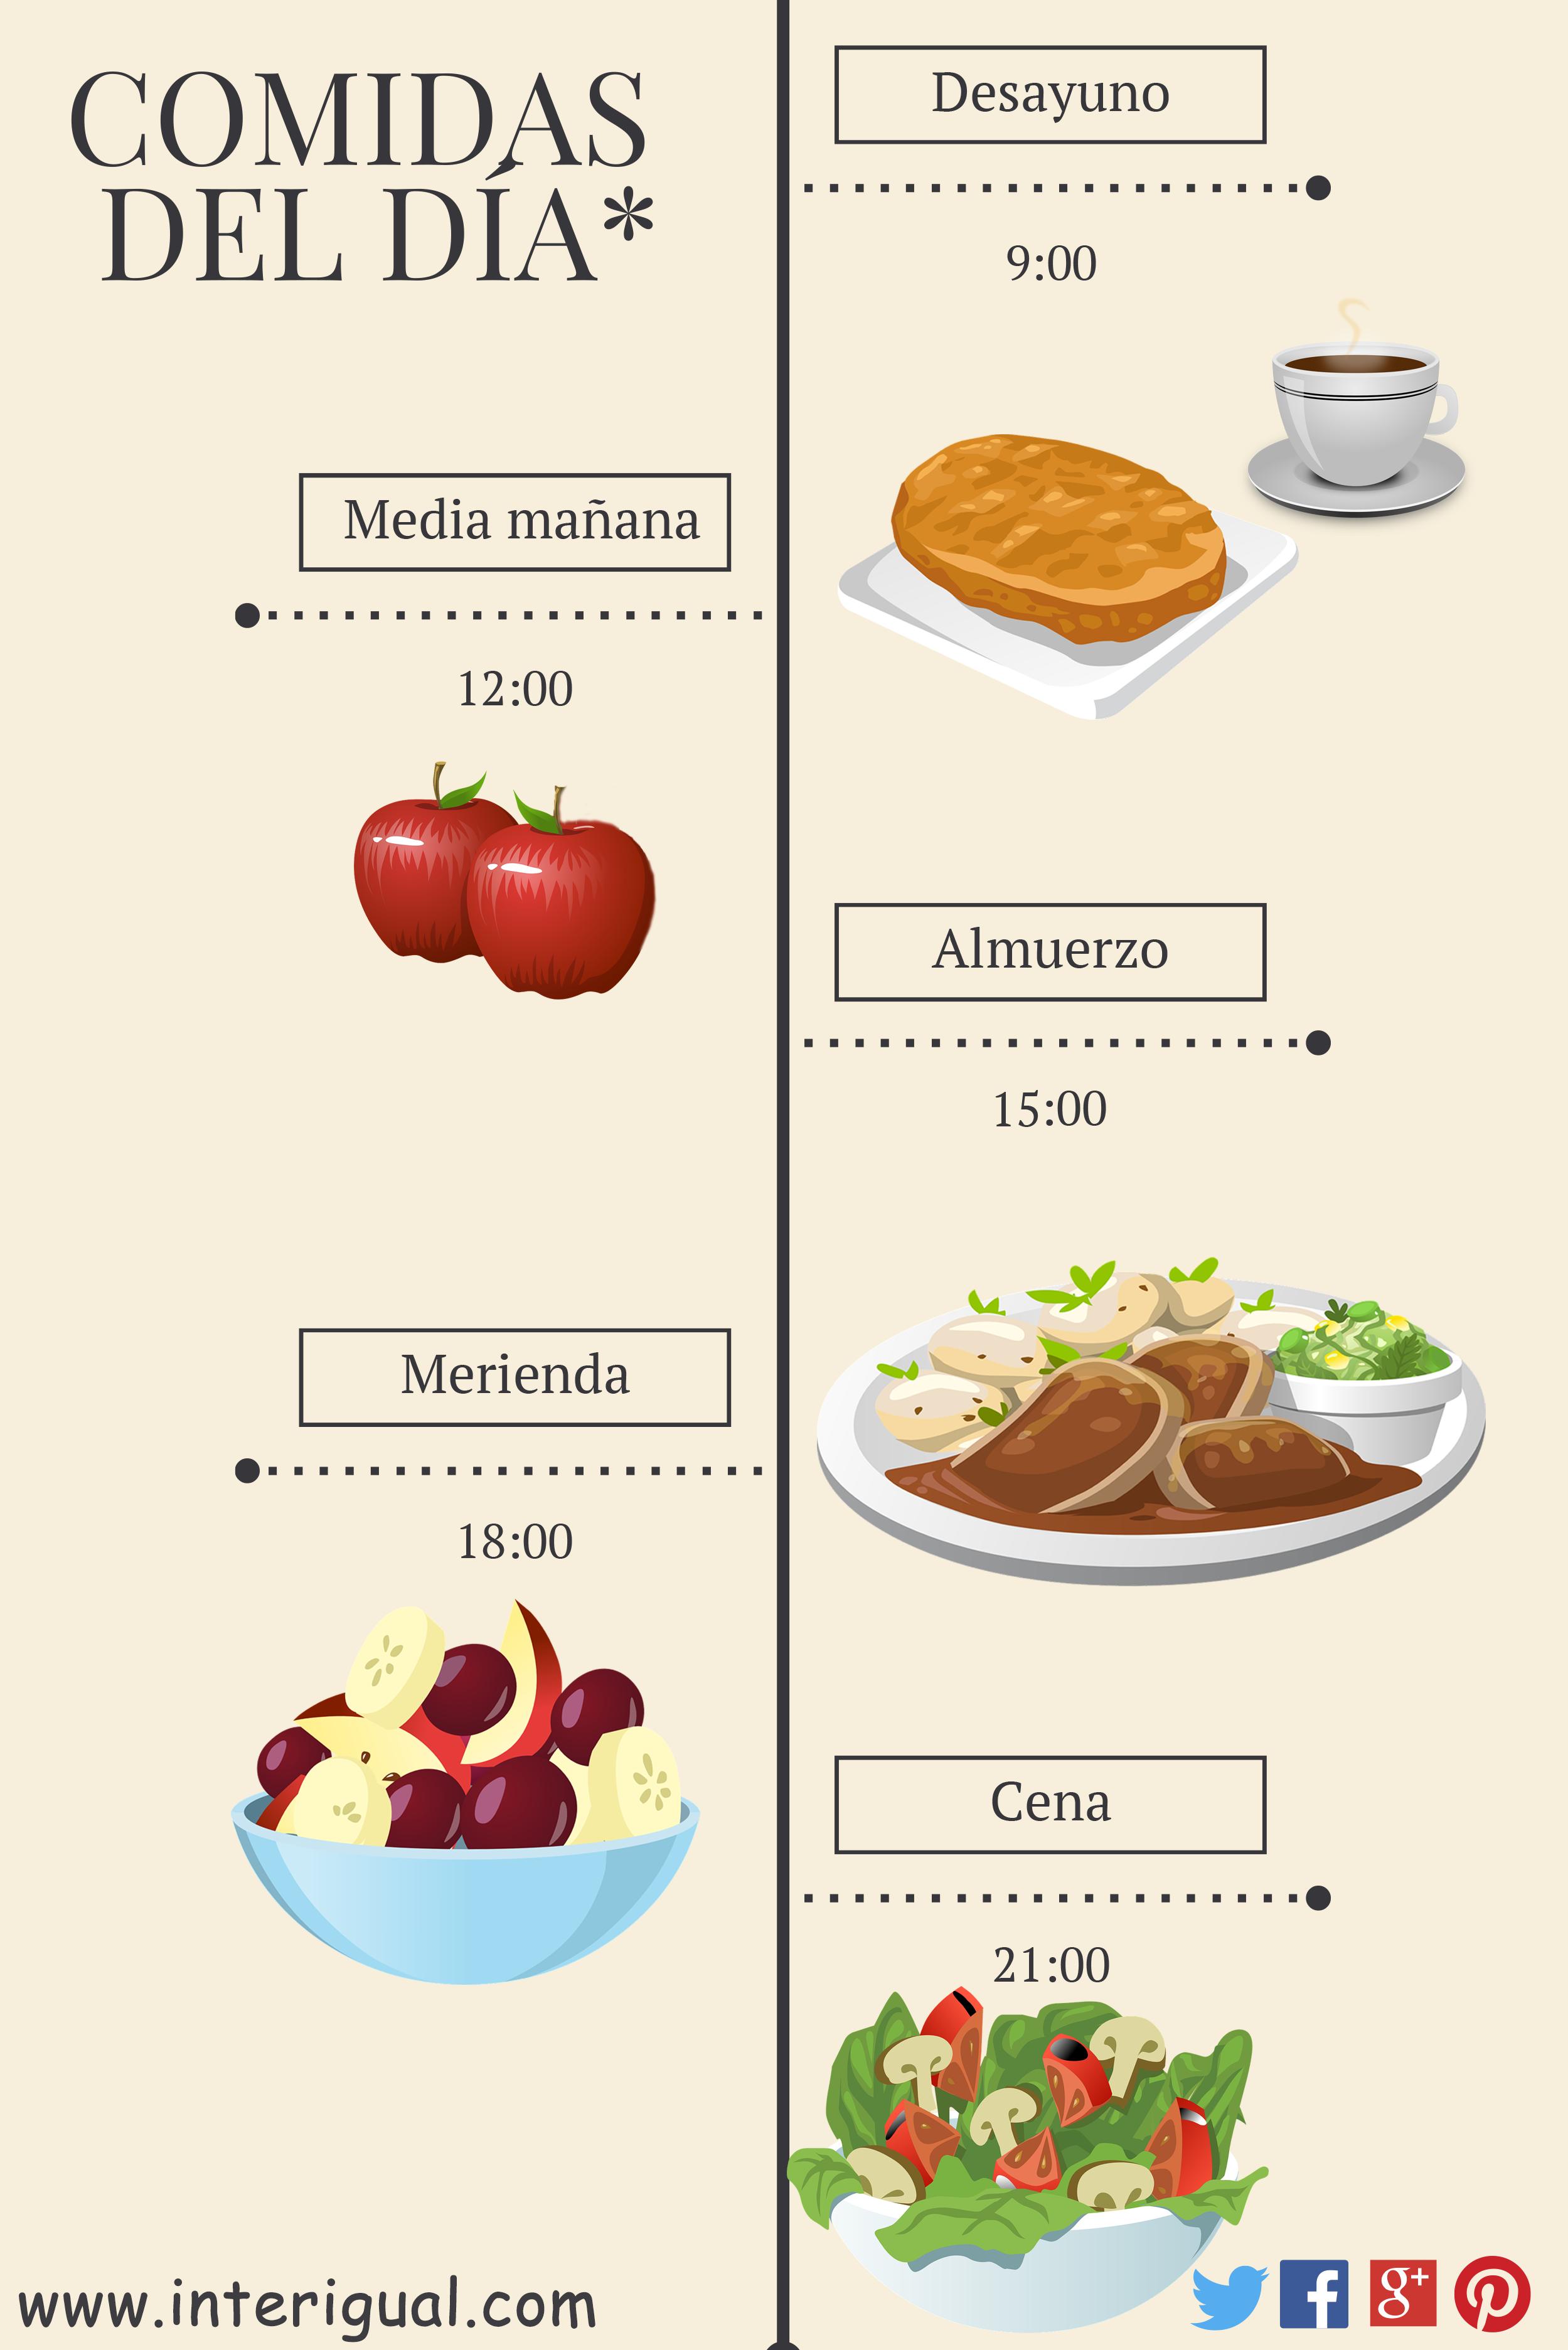 """Por supuesto, muchas personas desayunan más temprano. También, según las zonas, a la comida de media mañana se le llama """"almuerzo"""", y a la comida principal, entre las 14'00 y las 15'00, se le llama """"comida""""."""